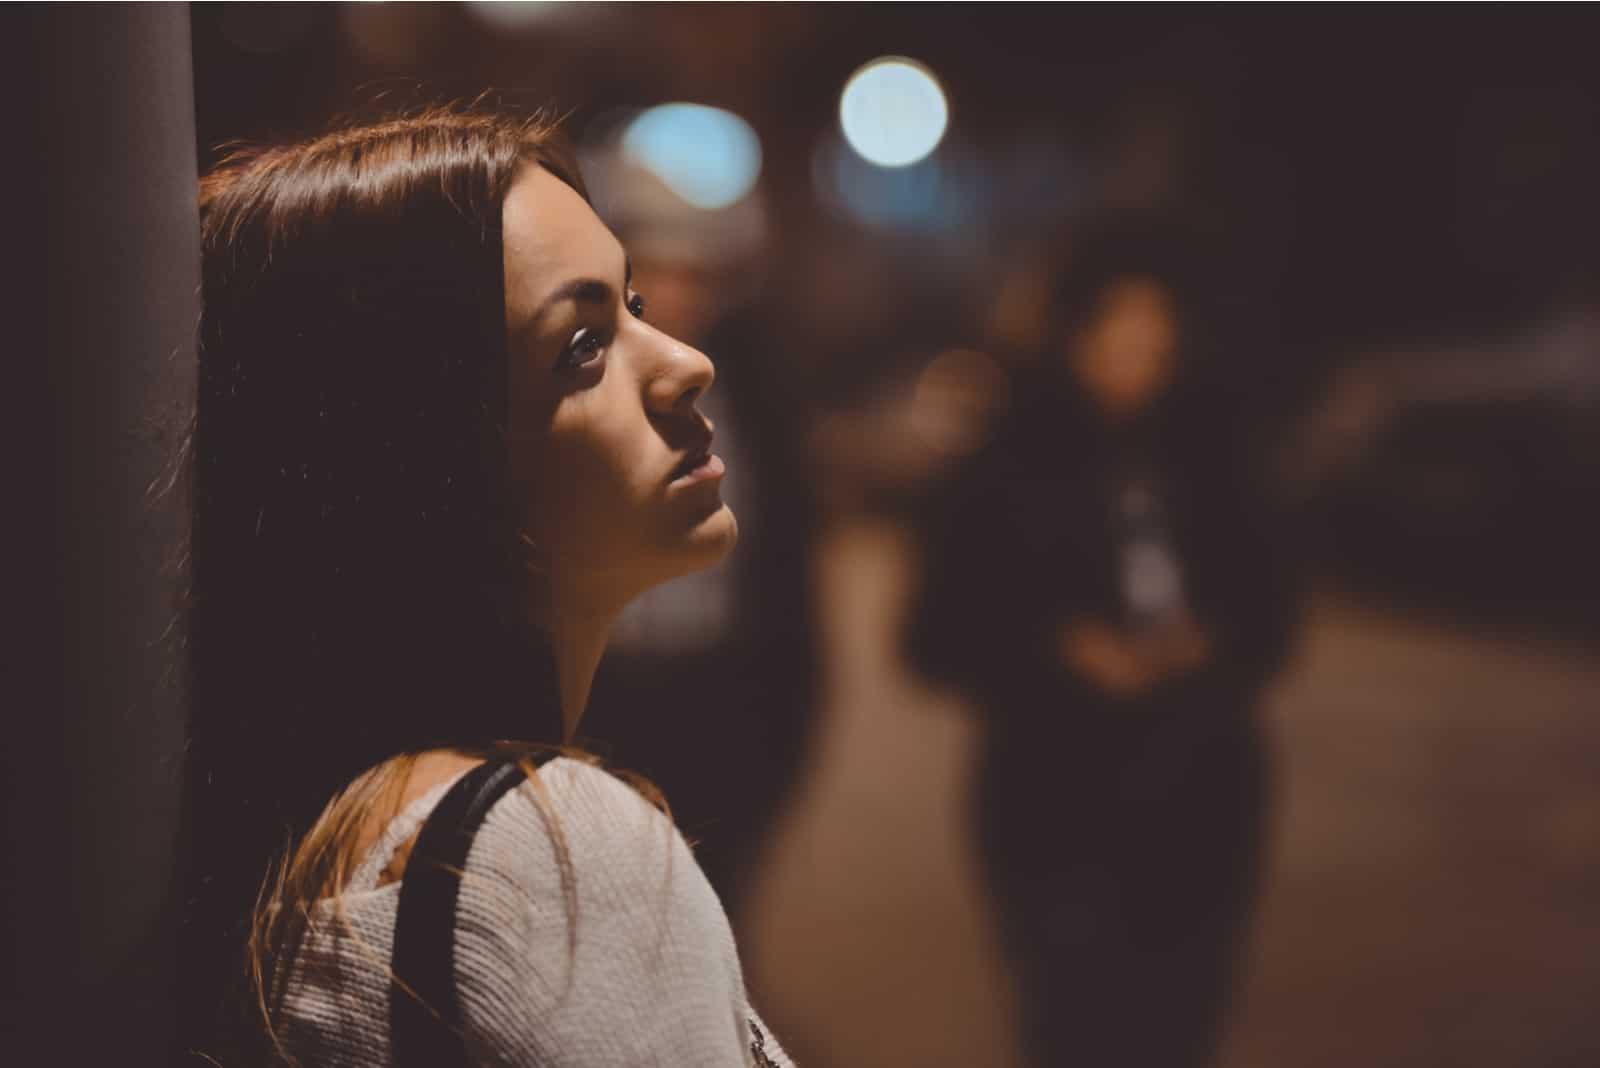 une jeune femme imaginaire se tient contre un mur